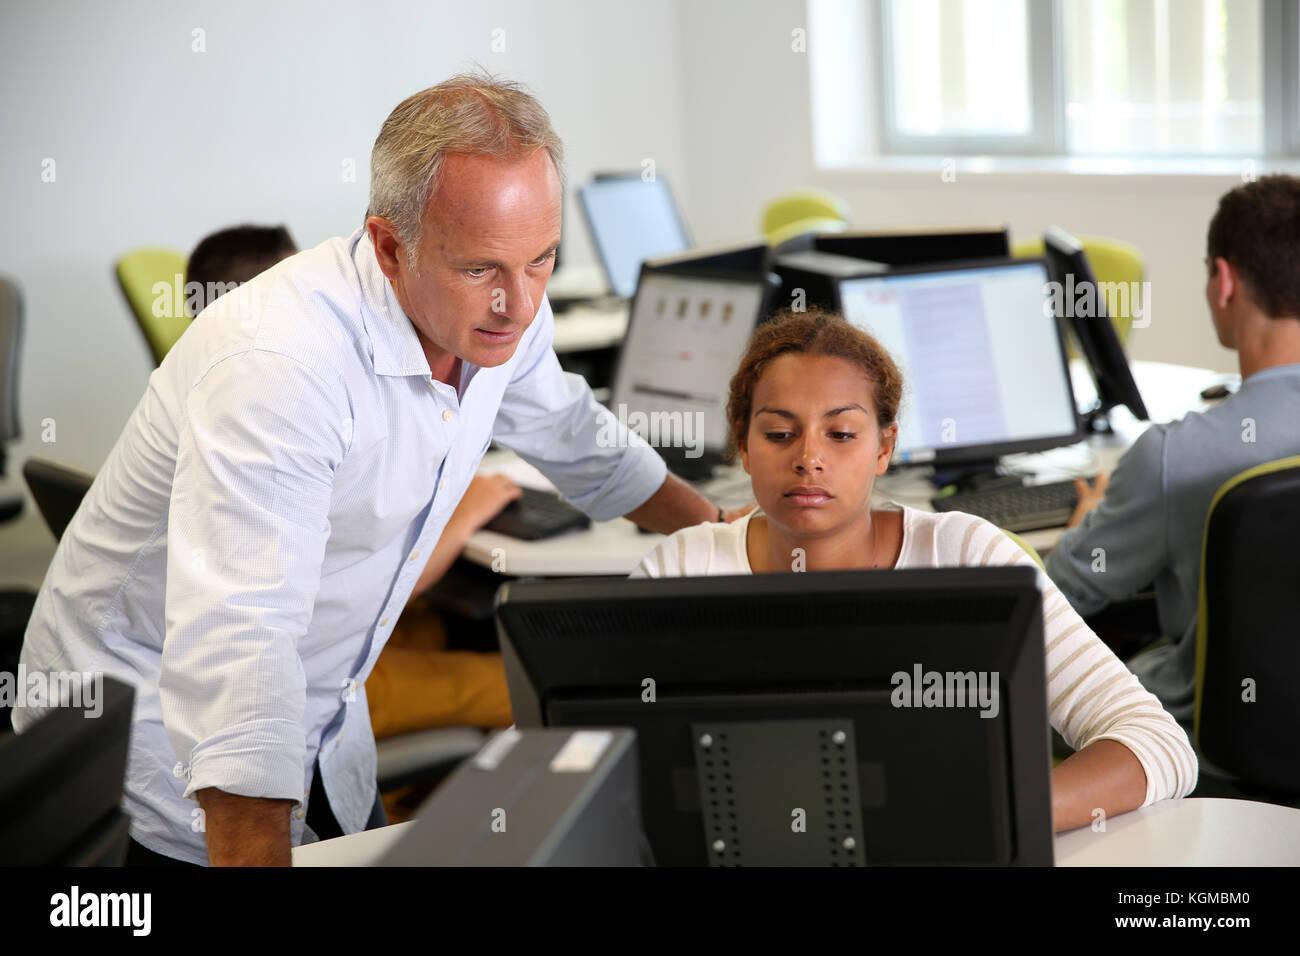 Avec l'enseignant étudiant travaillant sur ordinateur de bureau Photo Stock